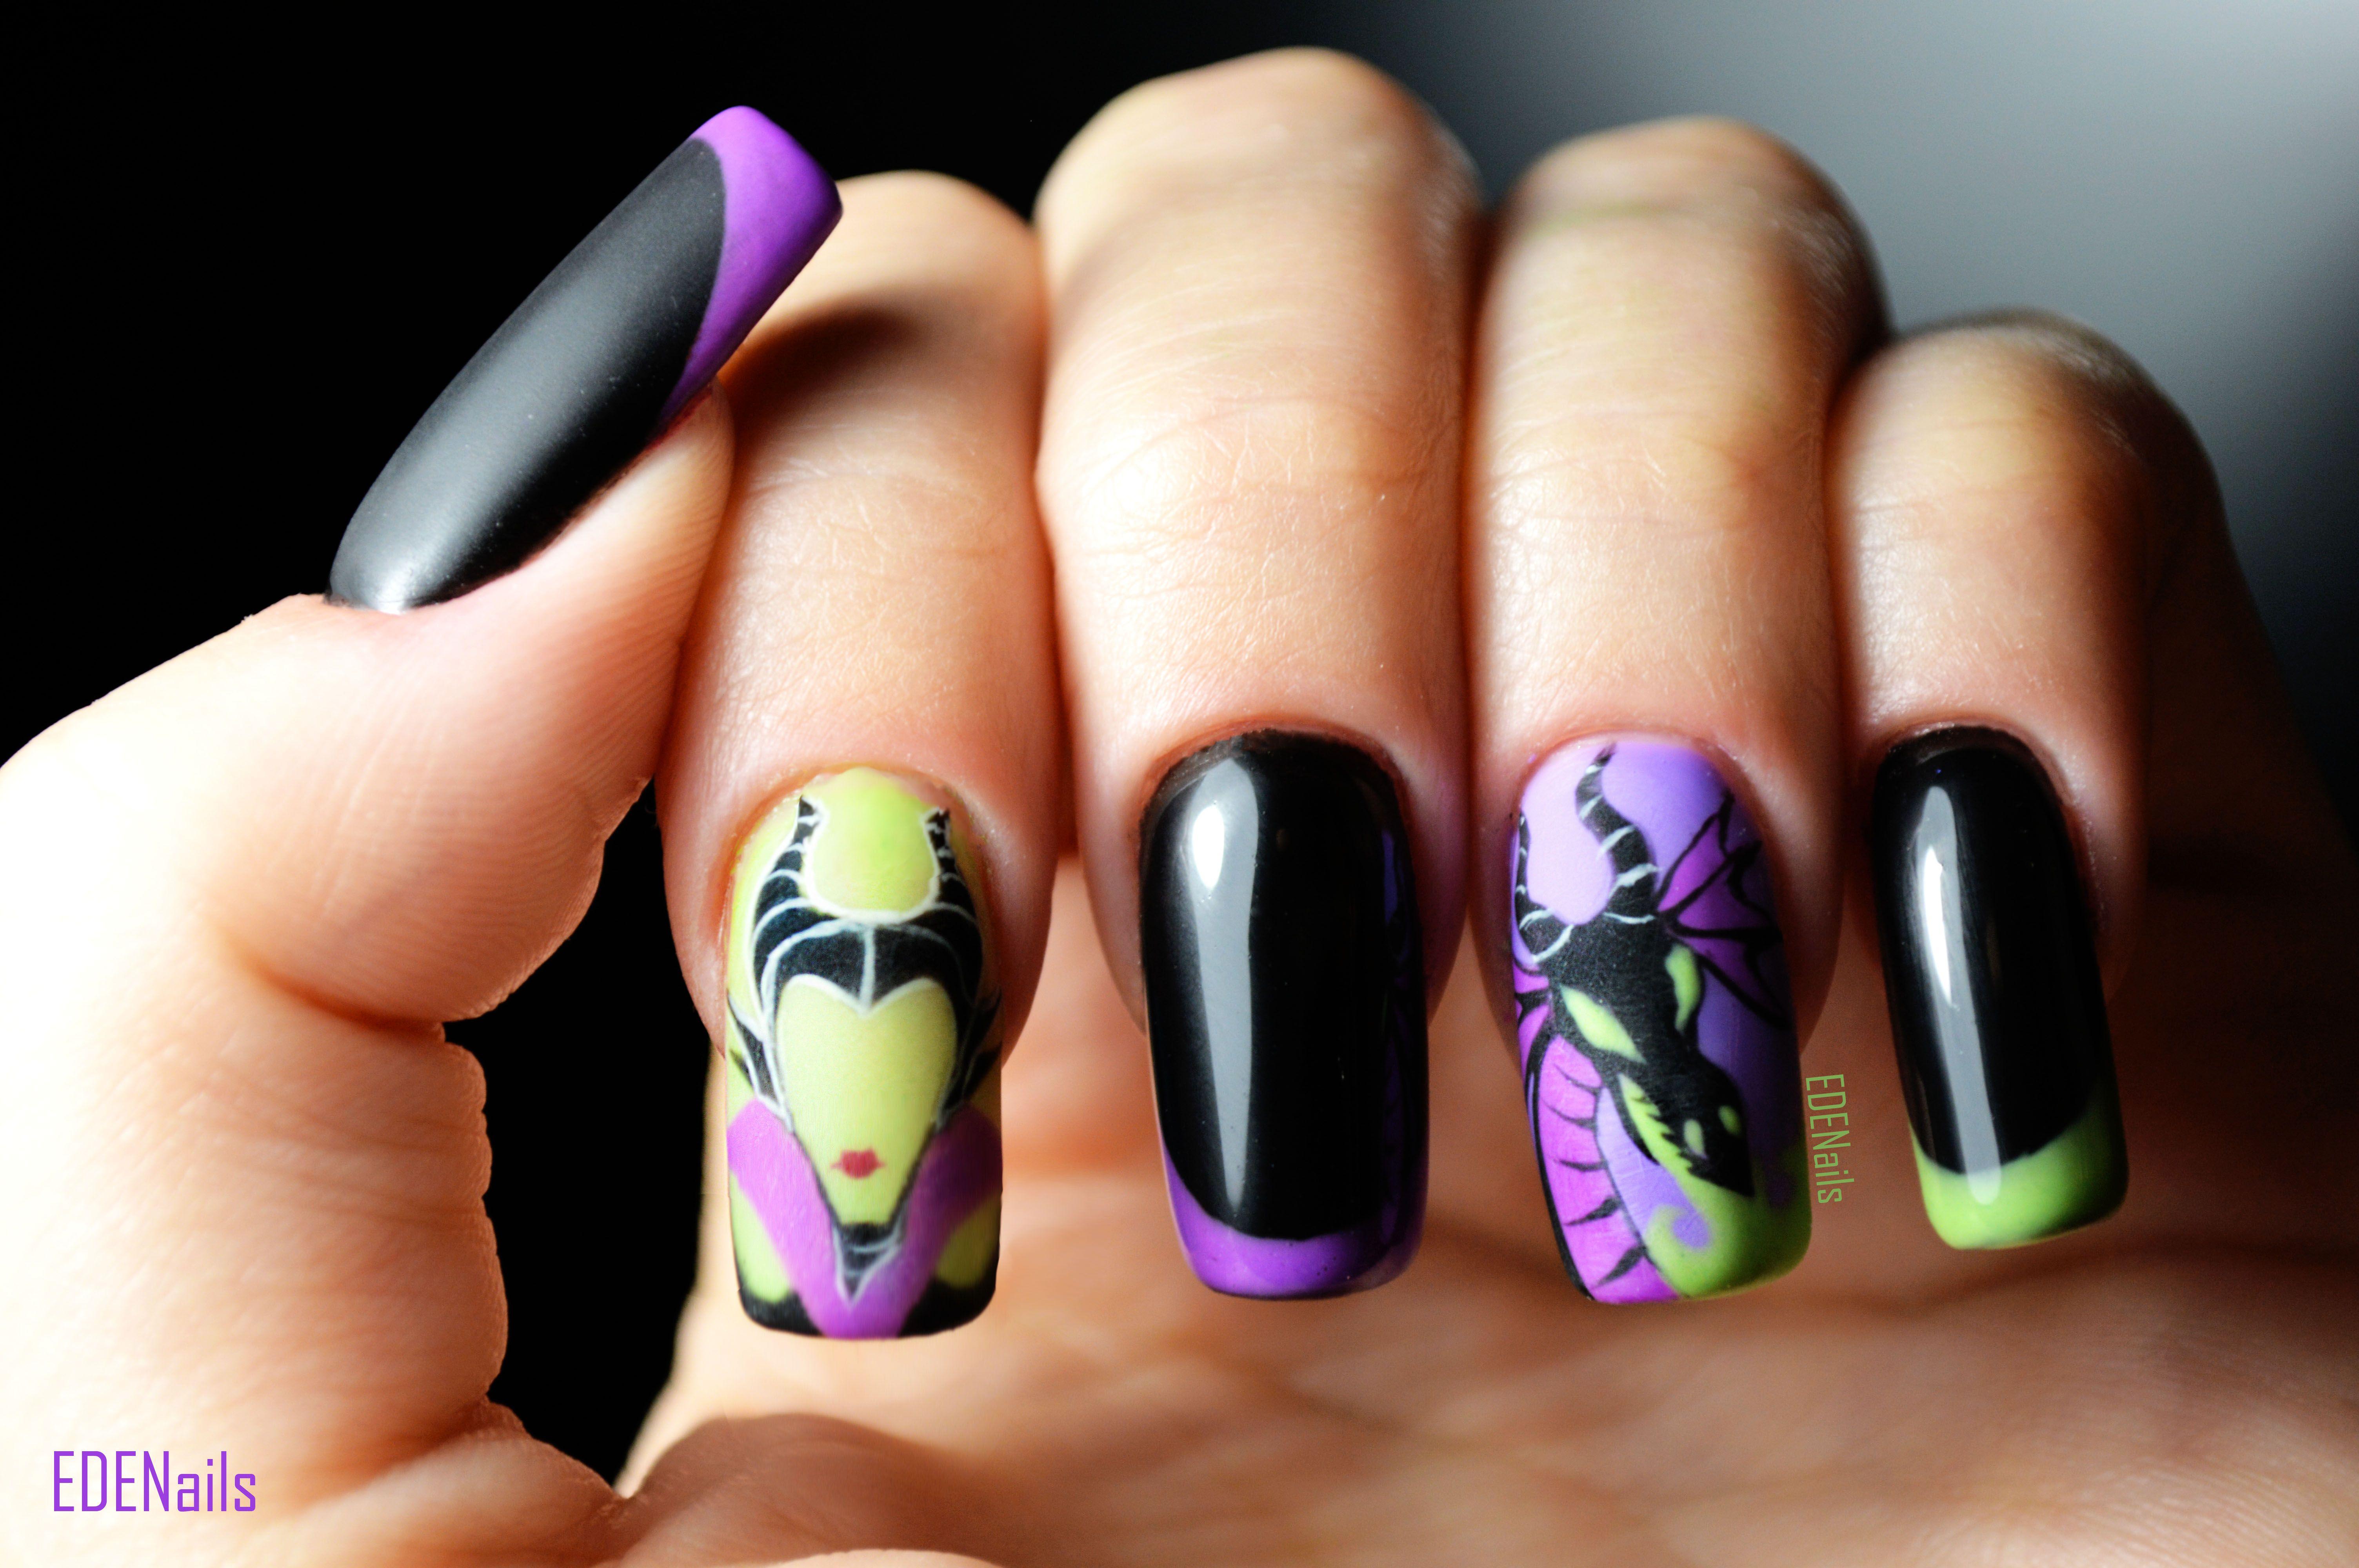 Pin by Melissa Ross on nails | Dragon nails, Acrylic nail ...